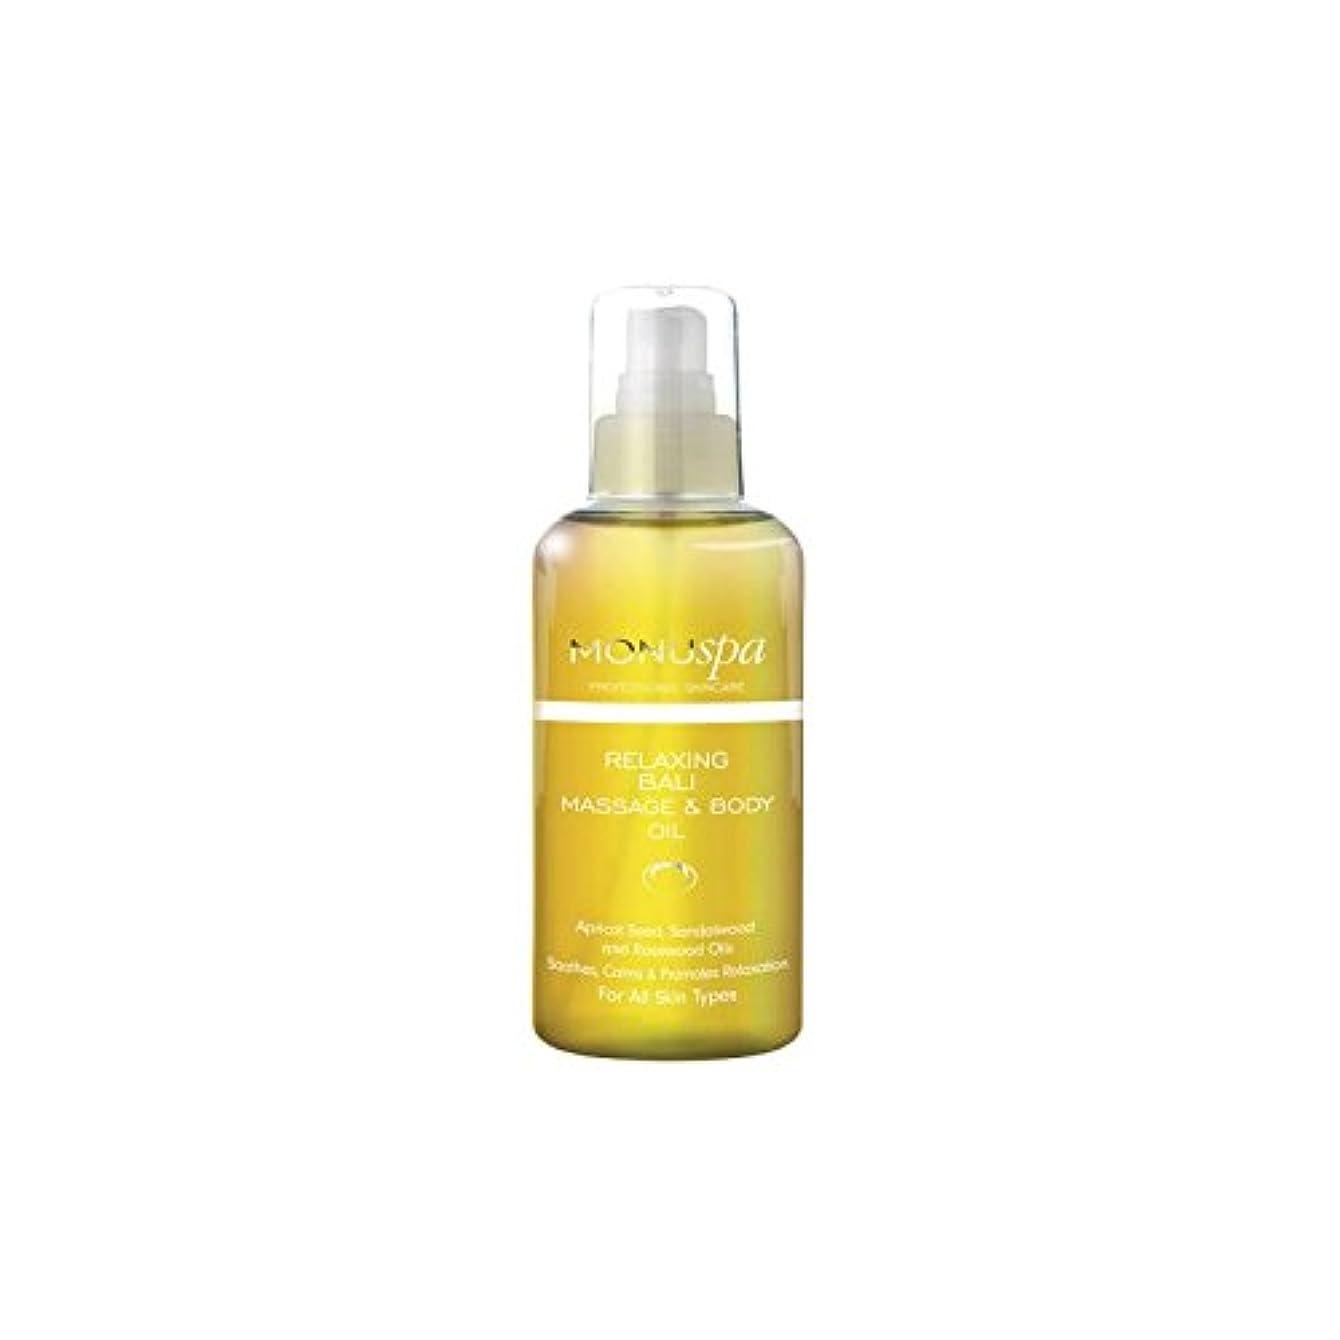 ガス隙間講師MONUspa Relaxing Bali Body Oil 100ml (Pack of 6) - バリボディオイル100ミリリットルを緩和 x6 [並行輸入品]